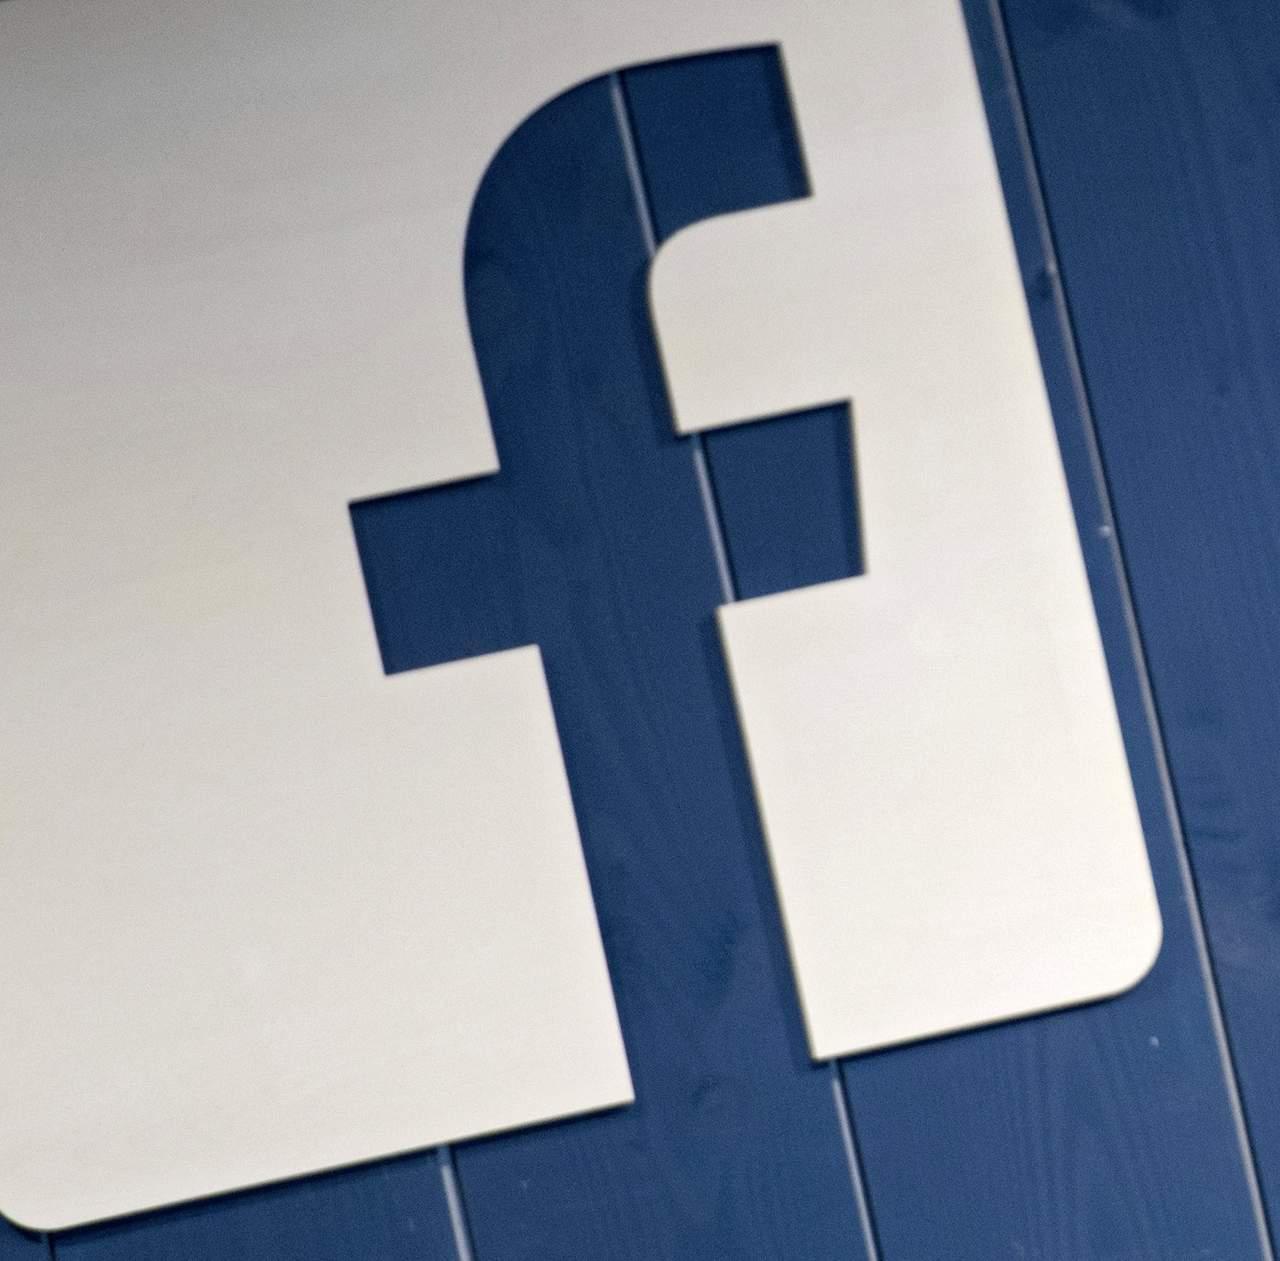 Facebook propone empoderar a padres para cuidar a los niños en Internet